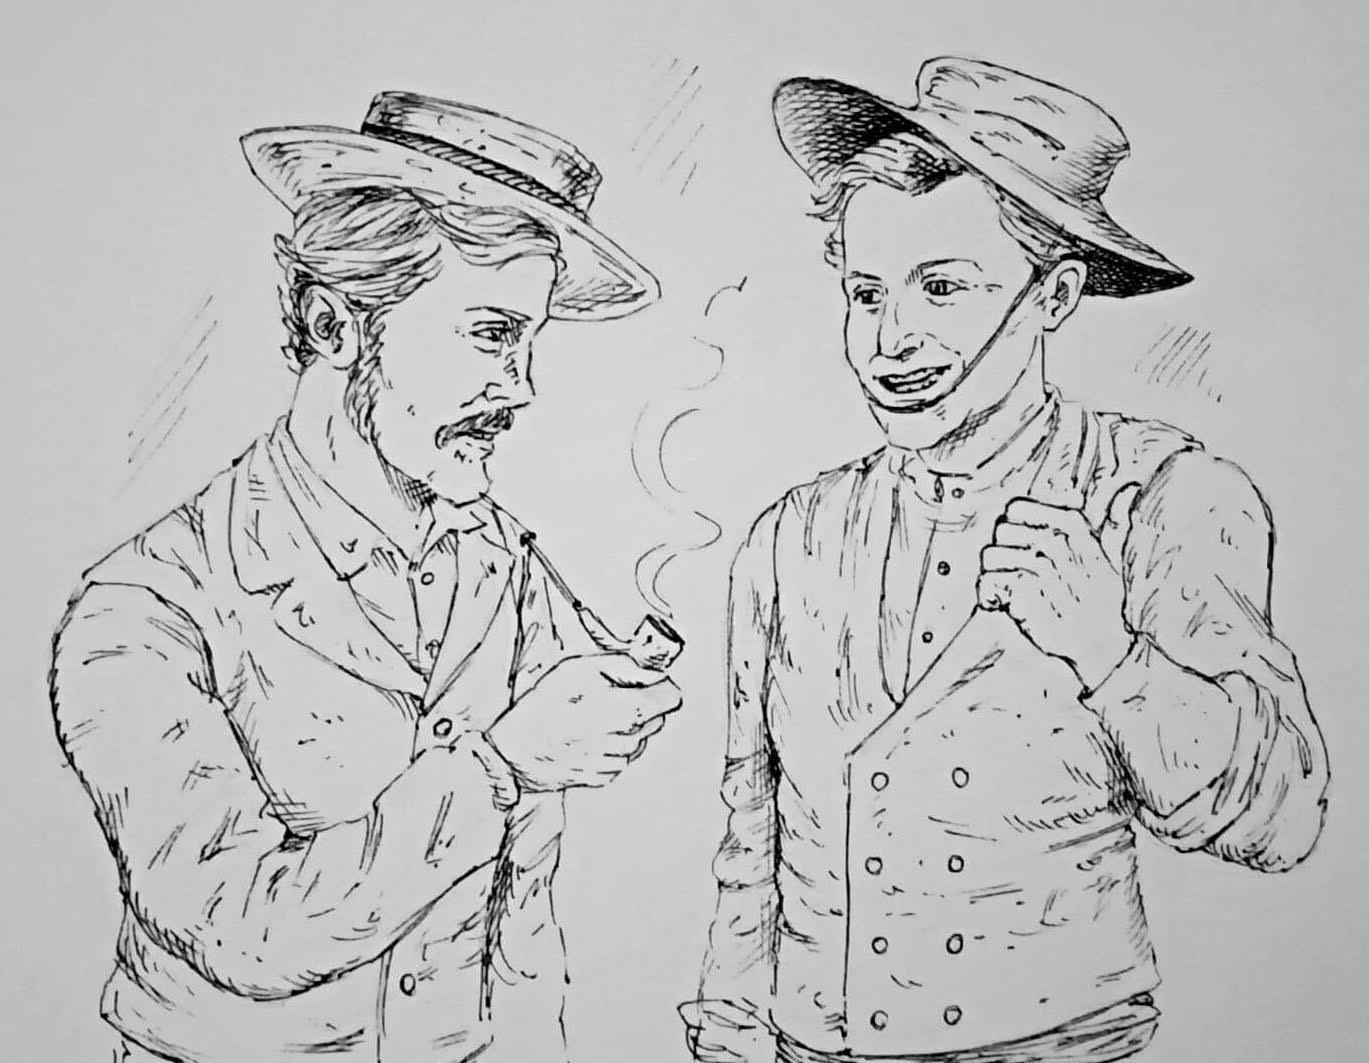 Joe and Aaron